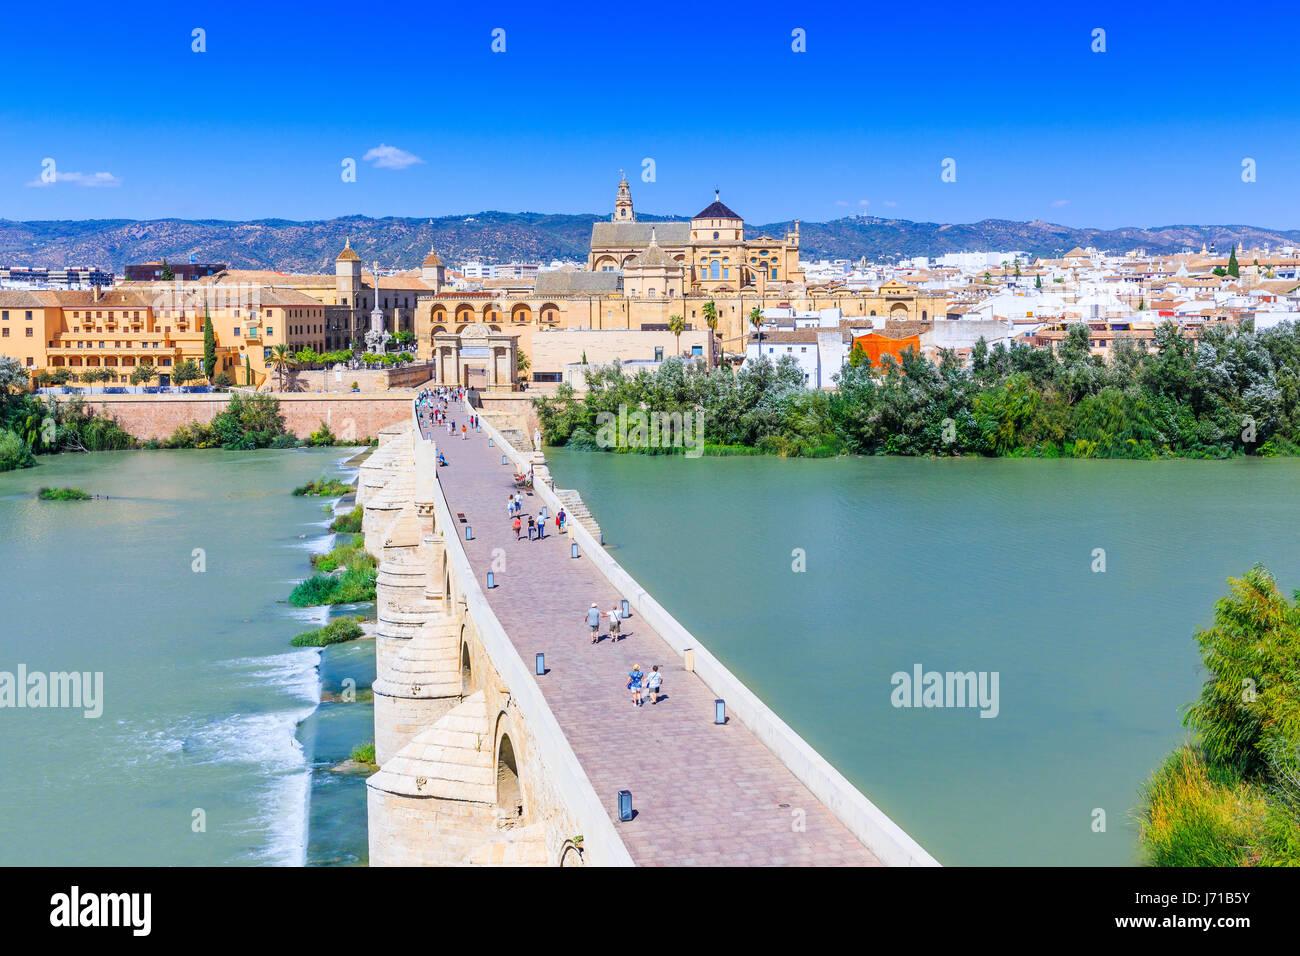 Córdoba, Spanien. Die römische Brücke und Moschee (Kathedrale) auf dem Fluss Guadalquivir. Stockbild